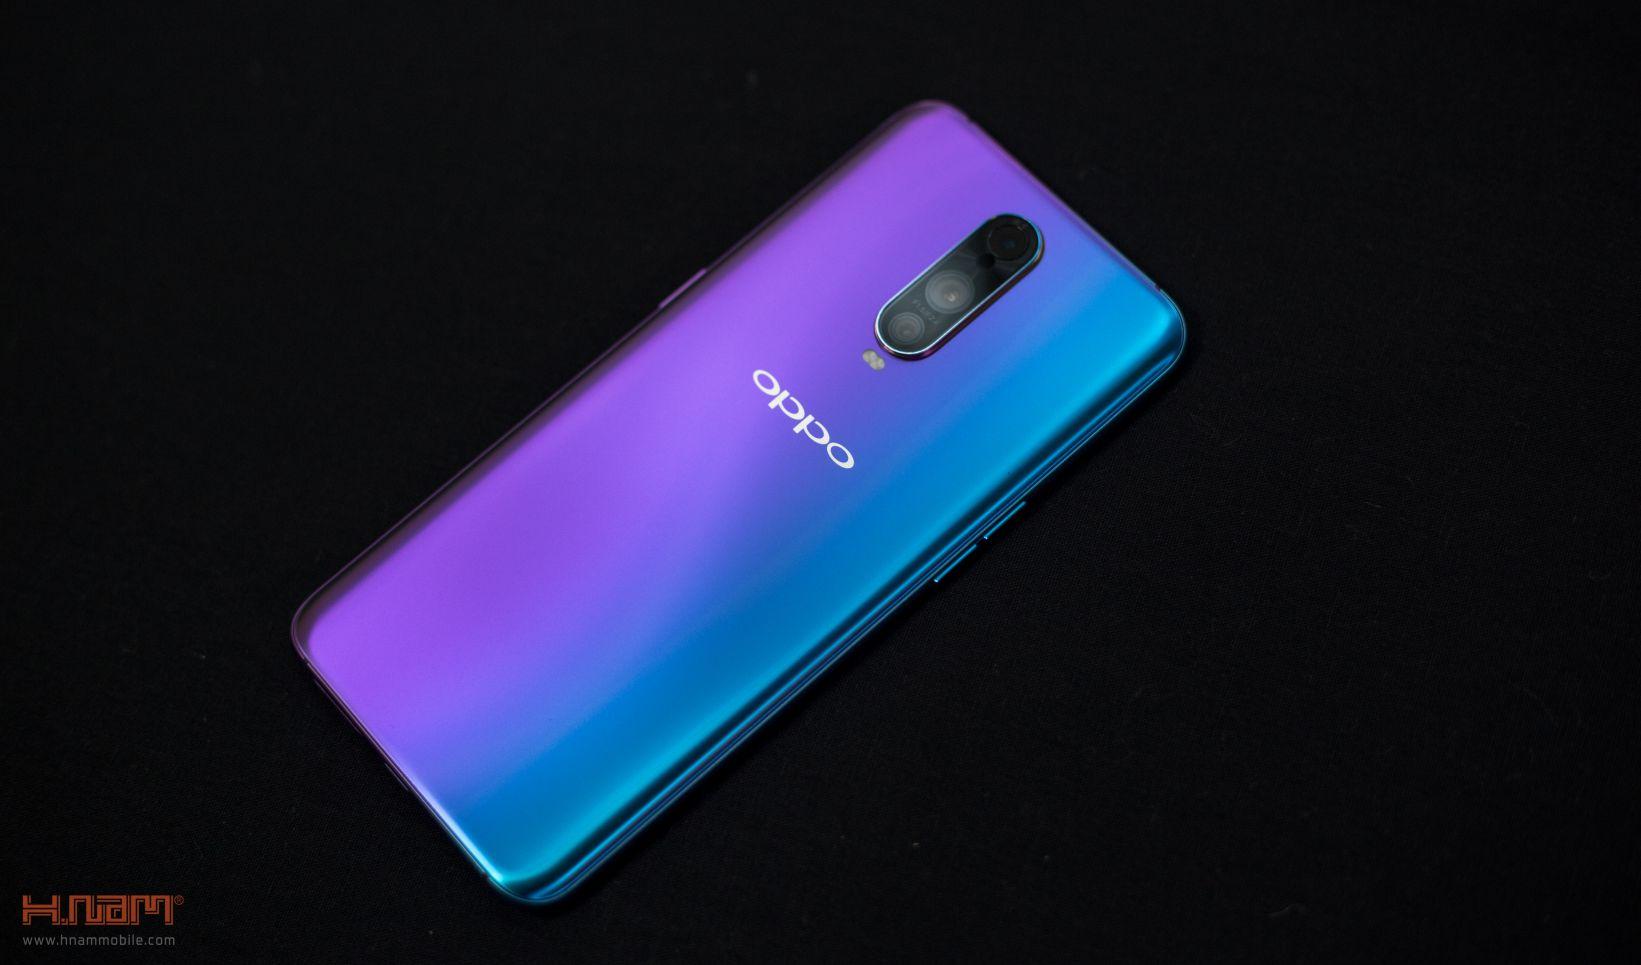 Trên tay Oppo R17 Pro: mặt lưng siêu đẹp, sạc siêu nhanh hình 3